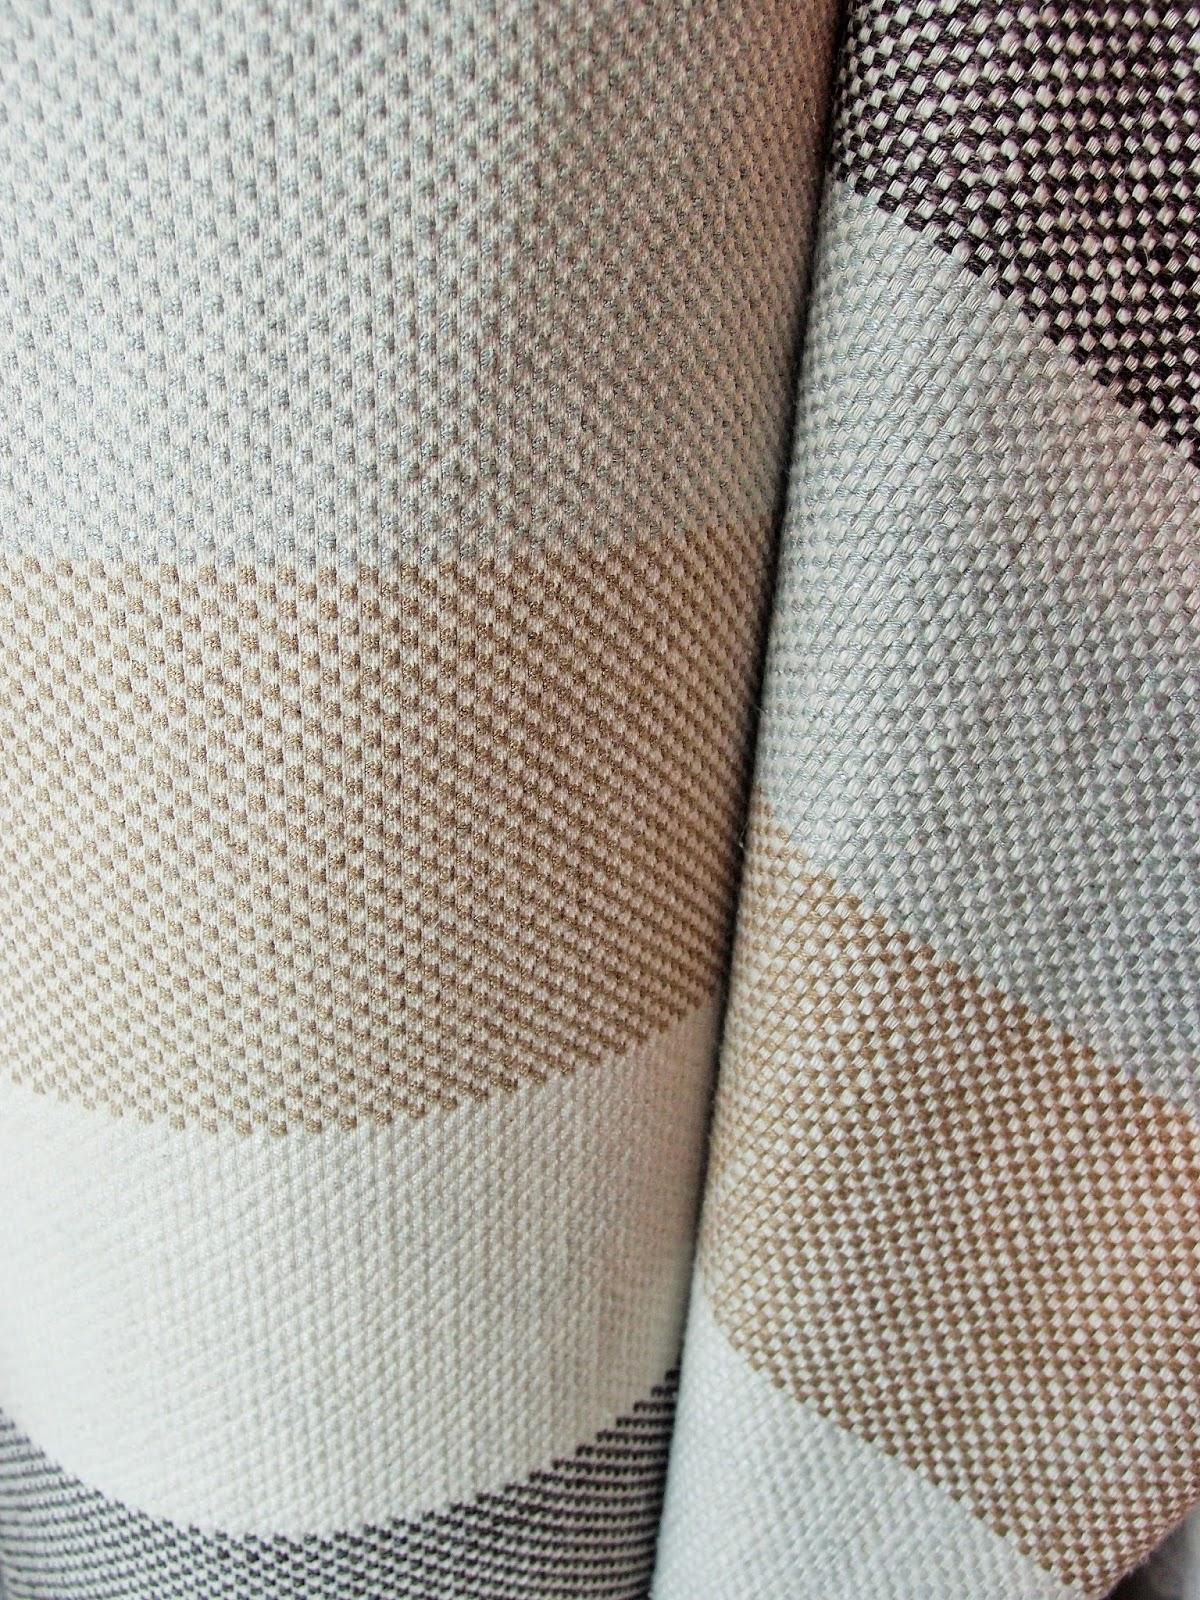 I lini naturali per tappezzerie e tendaggi antichit bellini for Cretonne per arredamento e tappezzerie